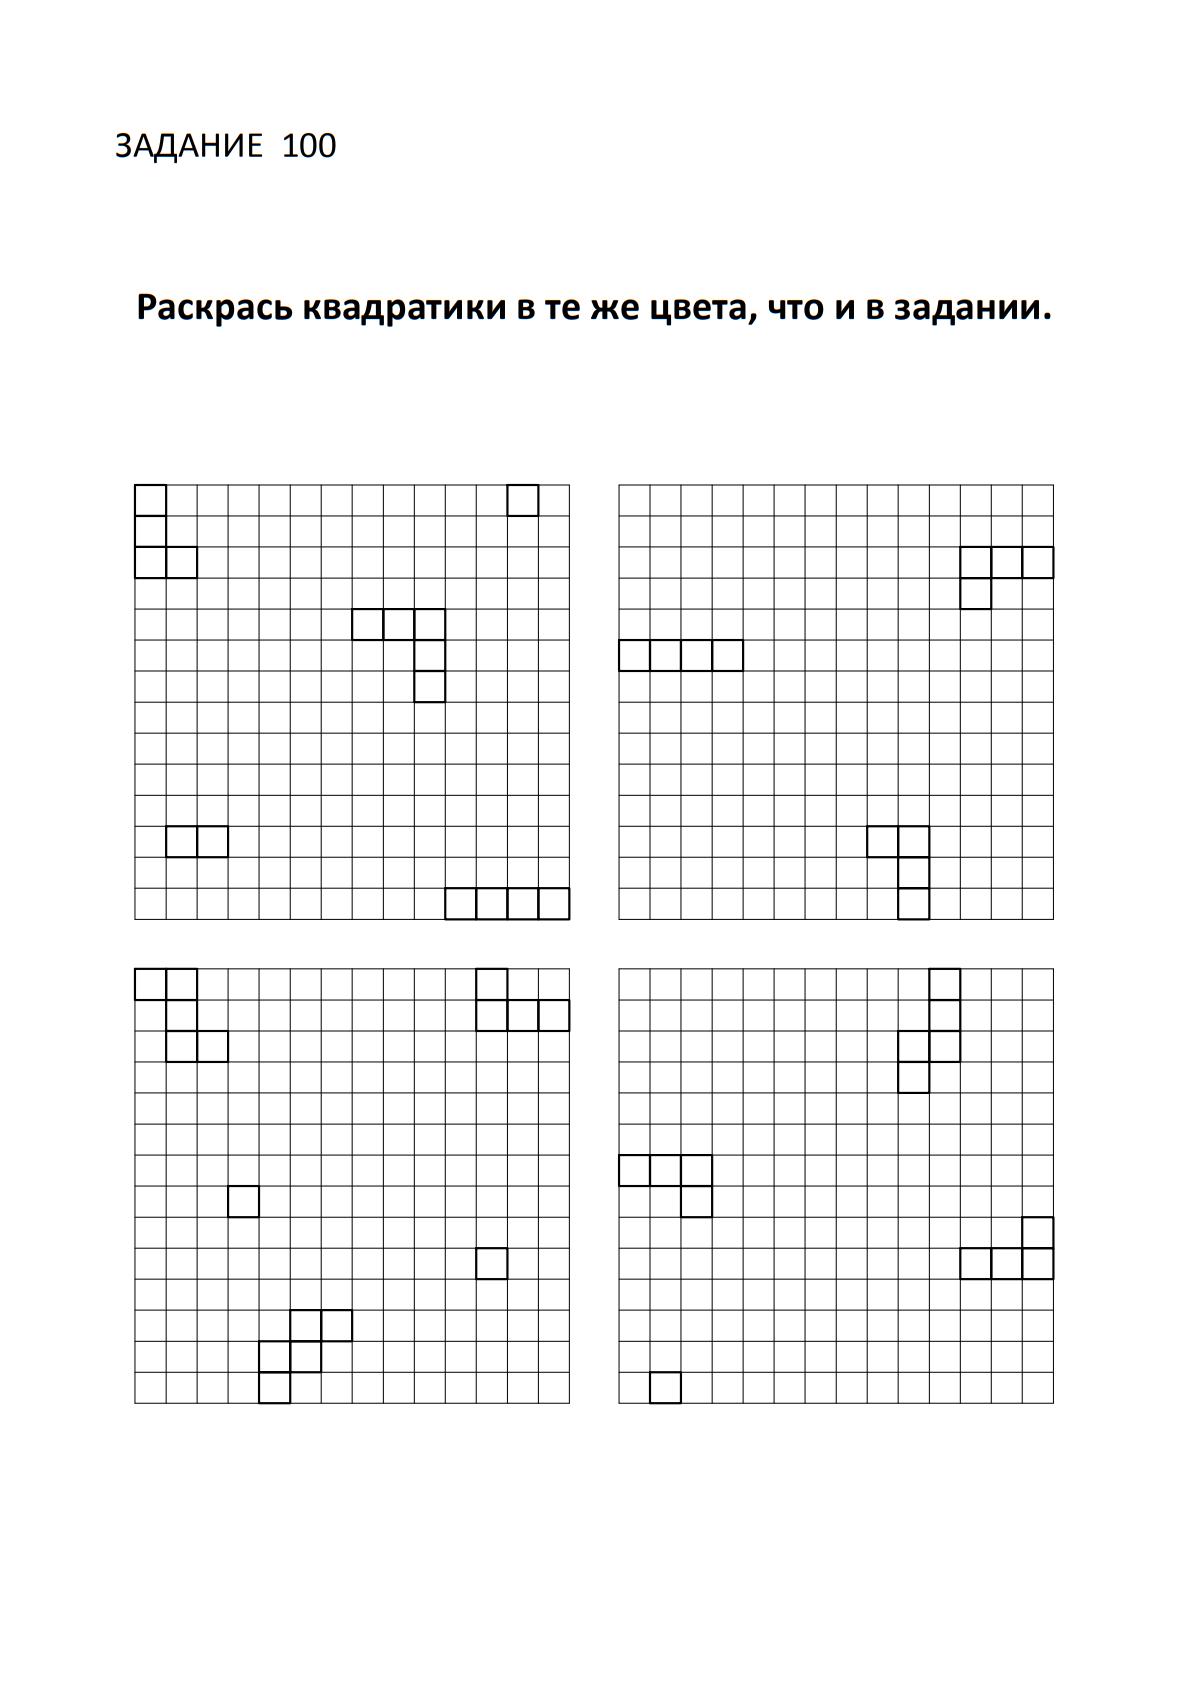 Раскрасть квадратики в те же цвета, что и в задании